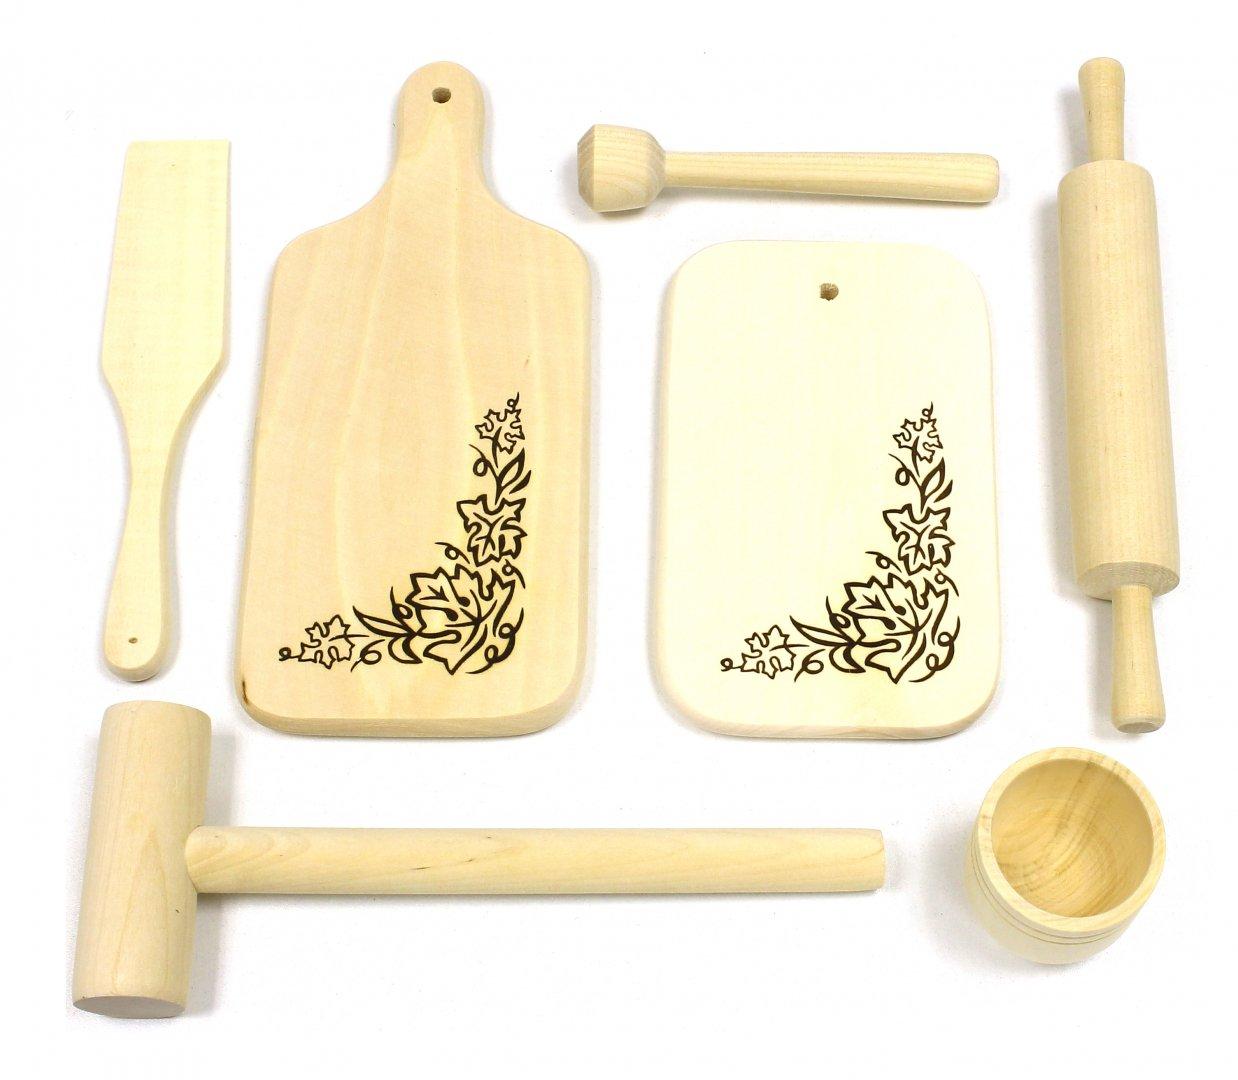 Иллюстрация 1 из 9 для Кухонный набор (7 деталей) (Д-386)   Лабиринт - игрушки. Источник: Лабиринт